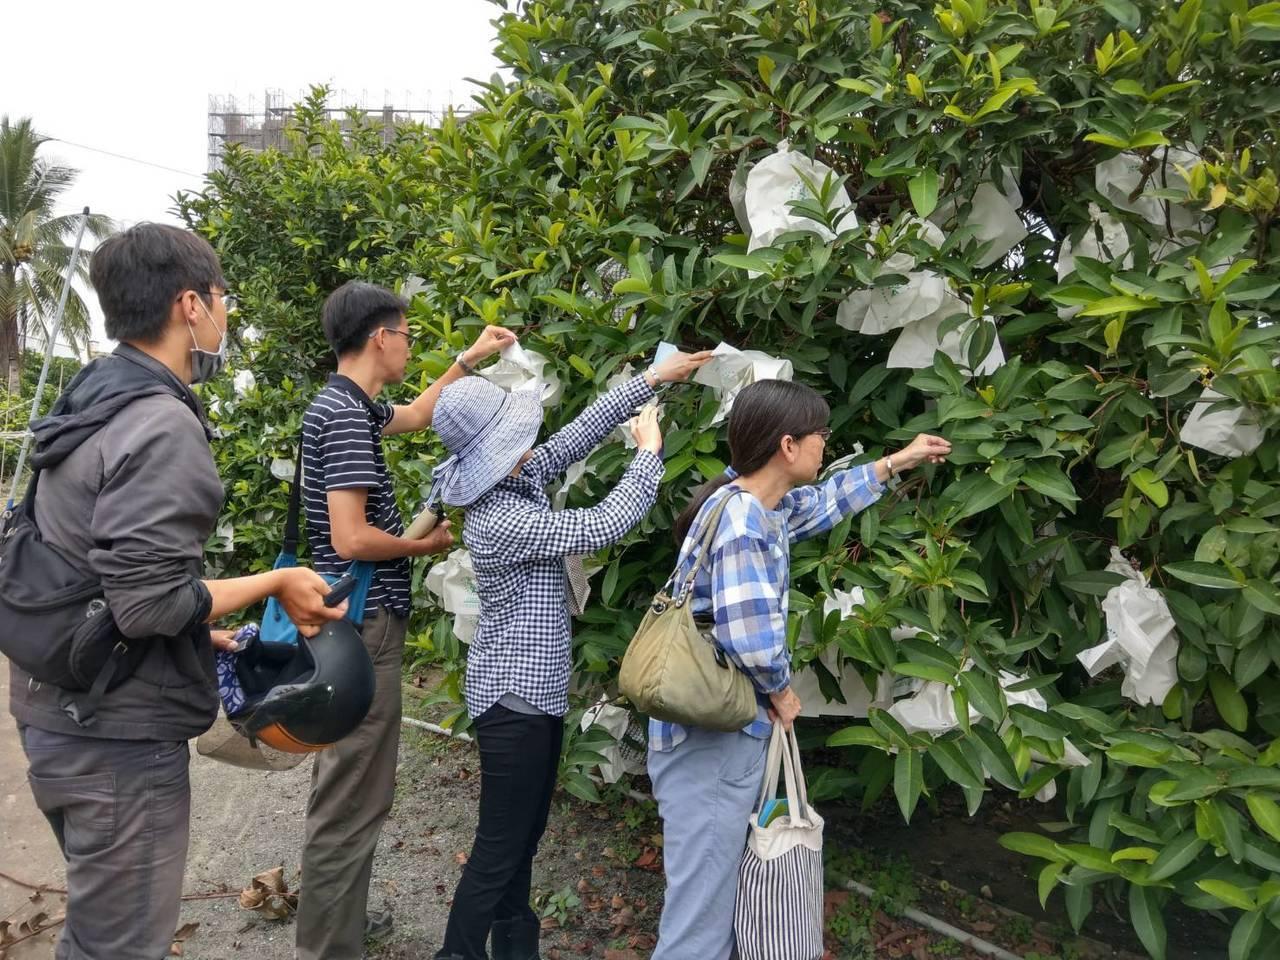 台南市政府農業局邀請台南區農業改良場、農糧署南區分署、區公所等組成勘查小組,前往...